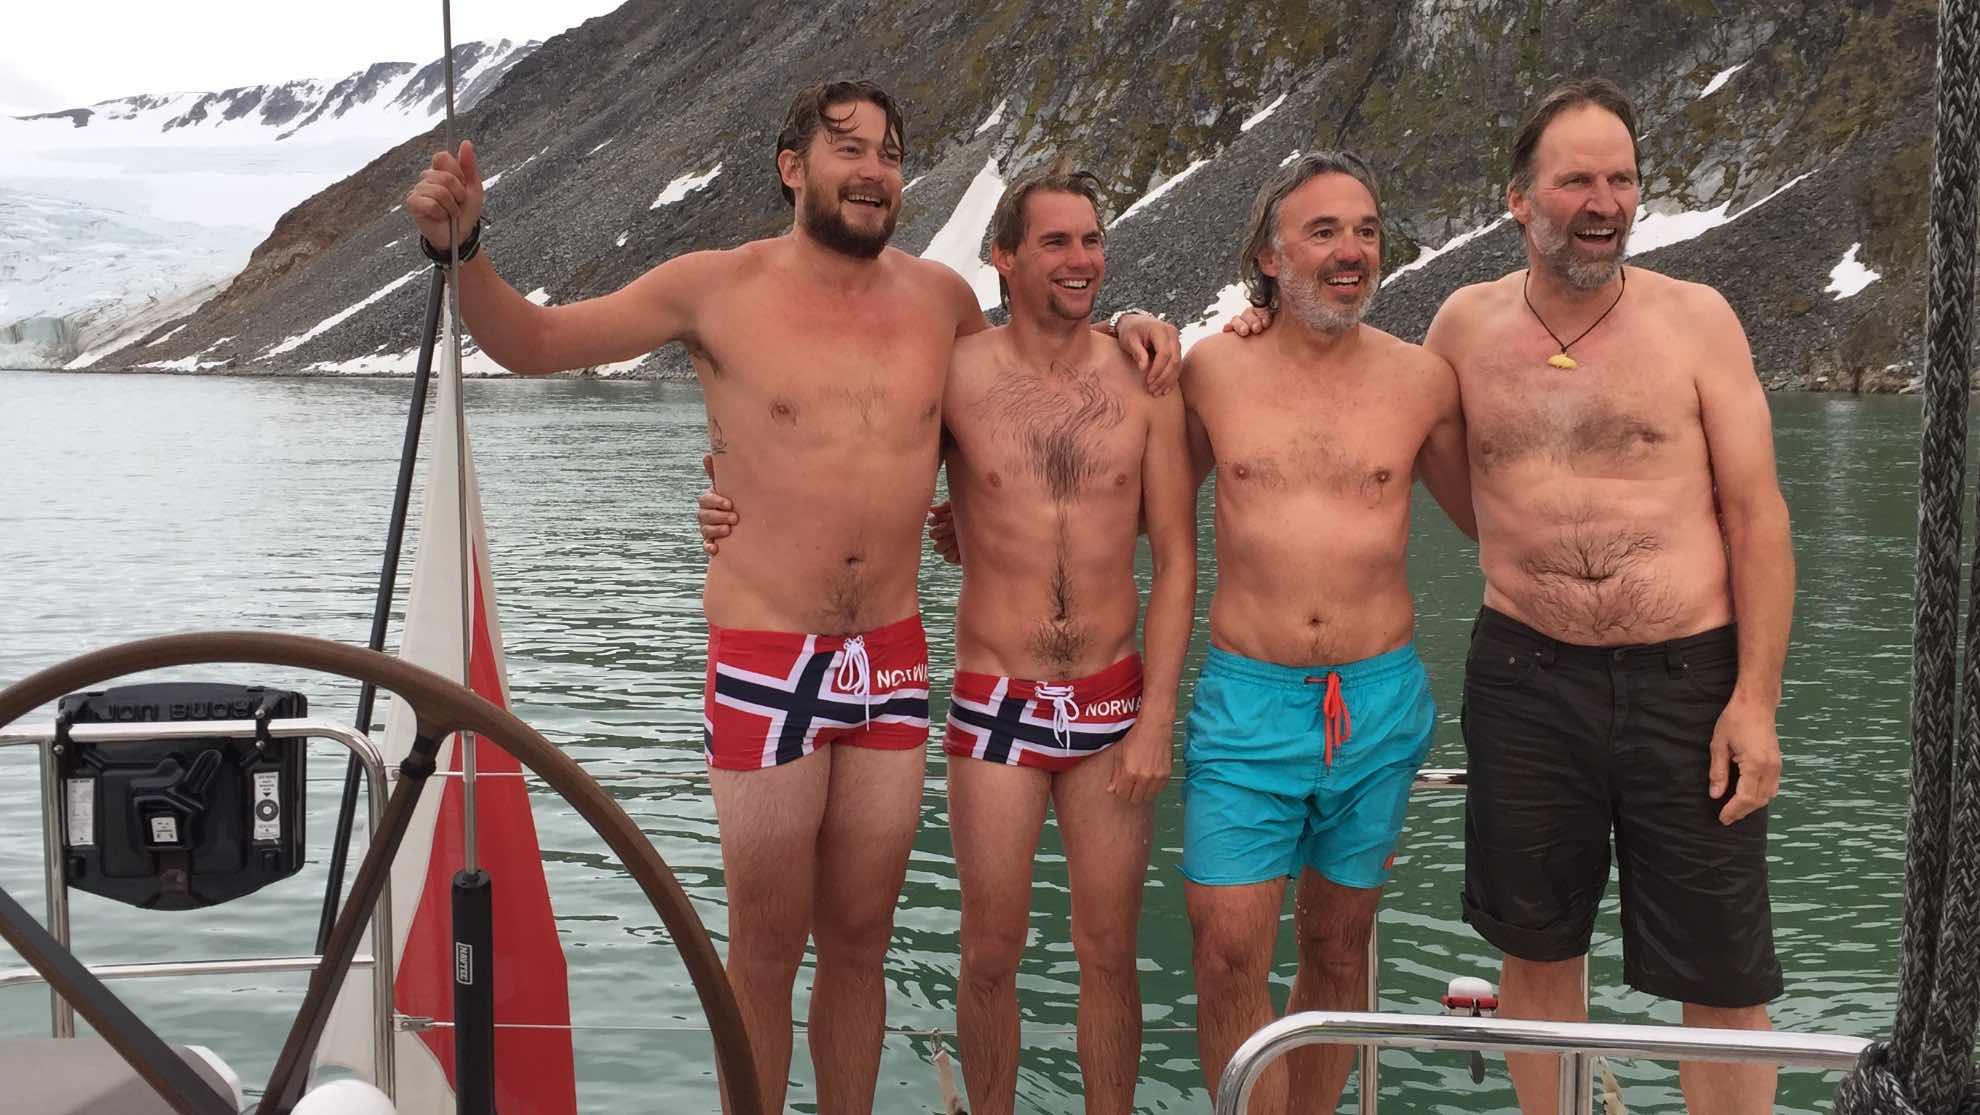 ... Polartaufe samt Sprung ins 5 Grad kalte Wasser.